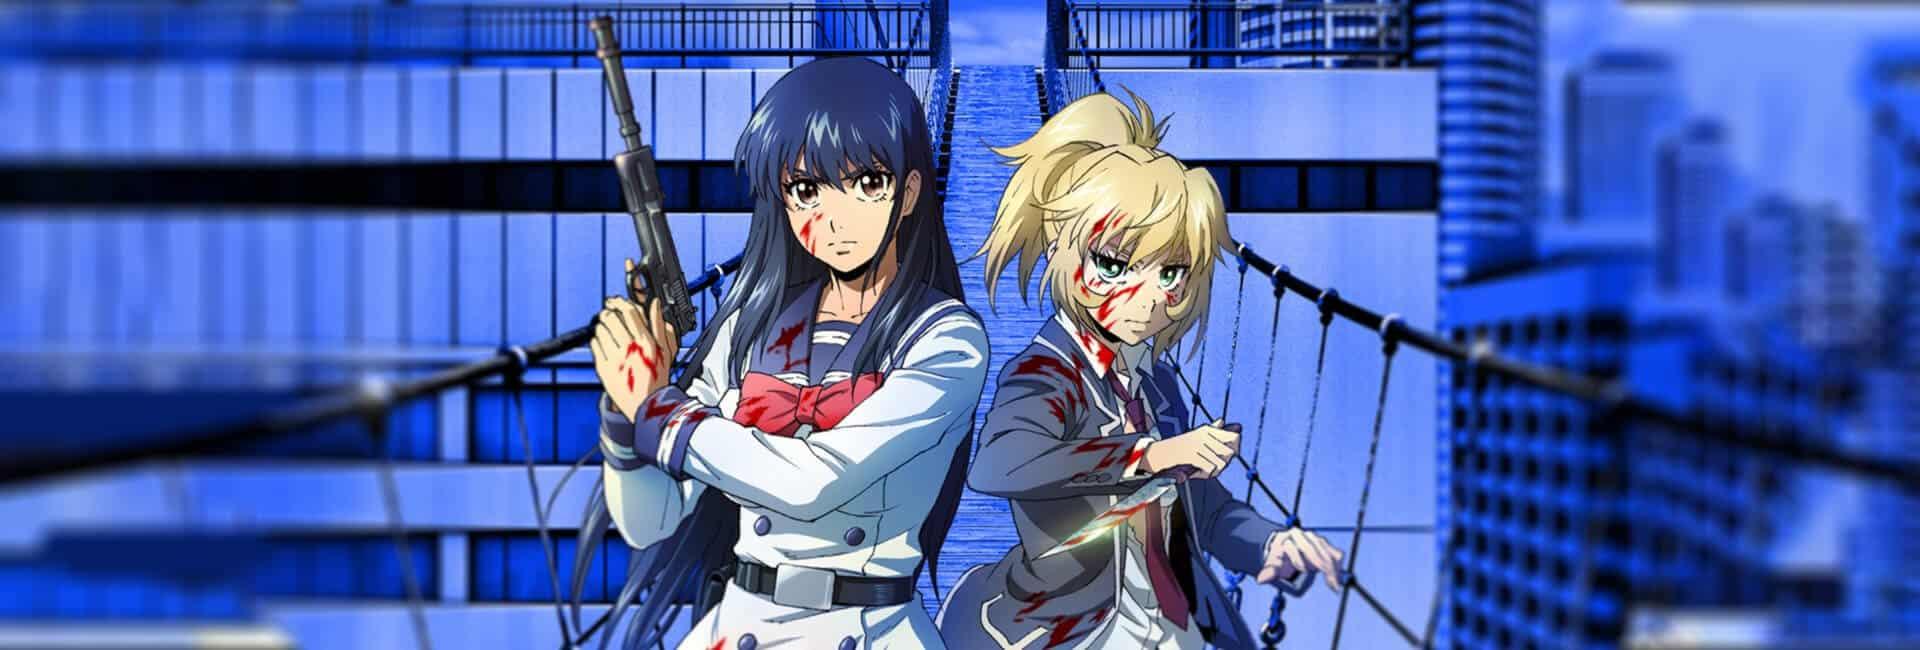 personagens principais em uma ponte em cima de um prédio, com roupas de colegiais, segurando armas